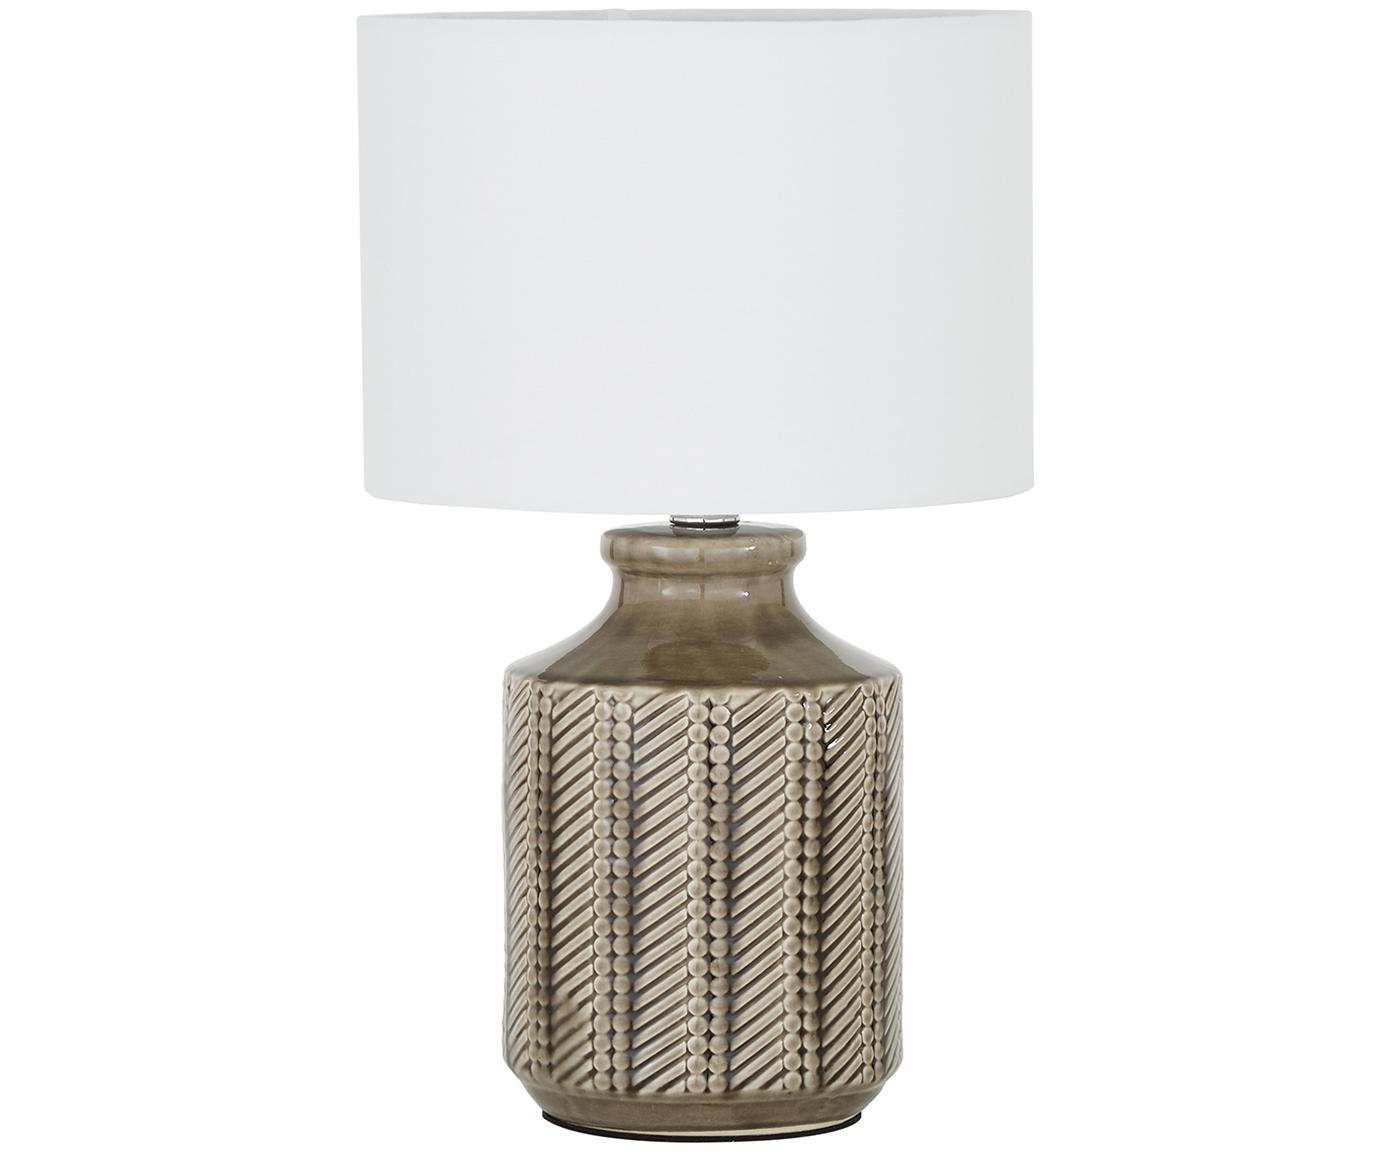 Lampada da tavolo in ceramica Nia, Paralume: tessuto, Base della lampada: ceramica, metallo nichela, Paralume: bianco Base della lampada: marrone, nichel, Ø 26 x Alt. 43 cm